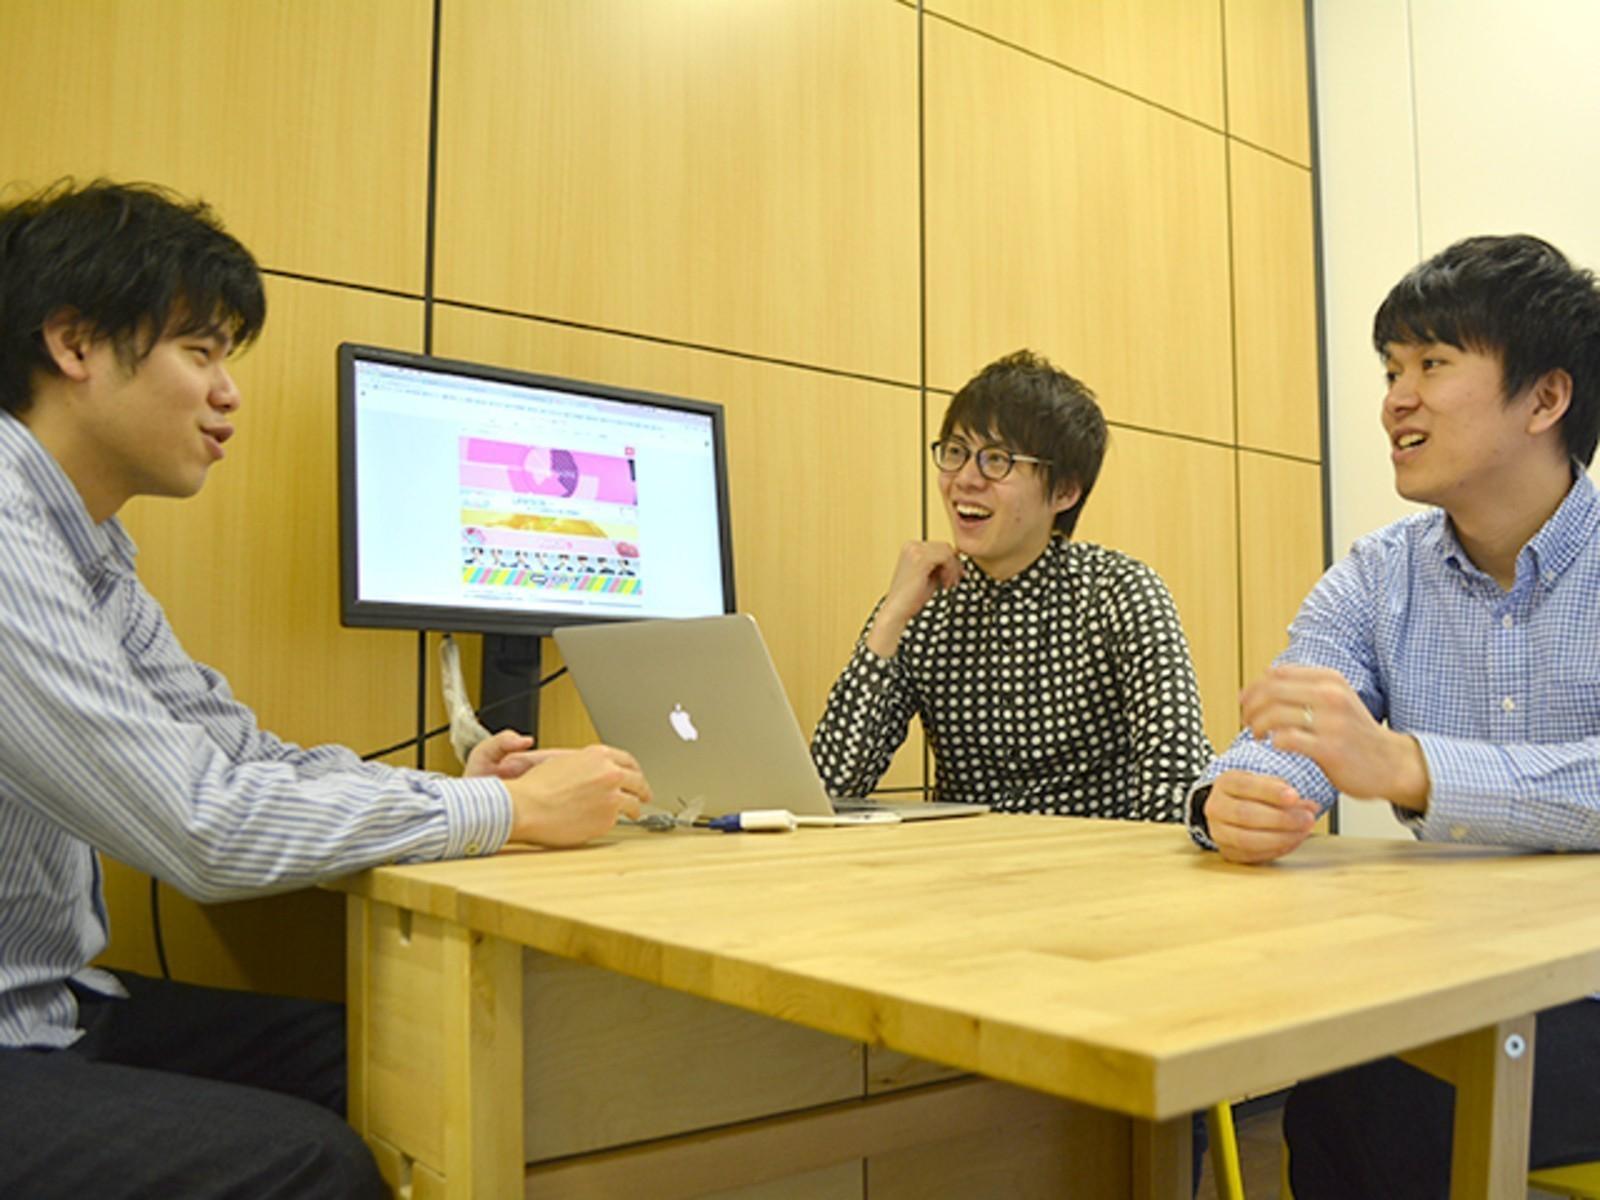 国内最大級のGIFアニメクリエーターのためのプラットフォームを開発する技術責任者を募集!